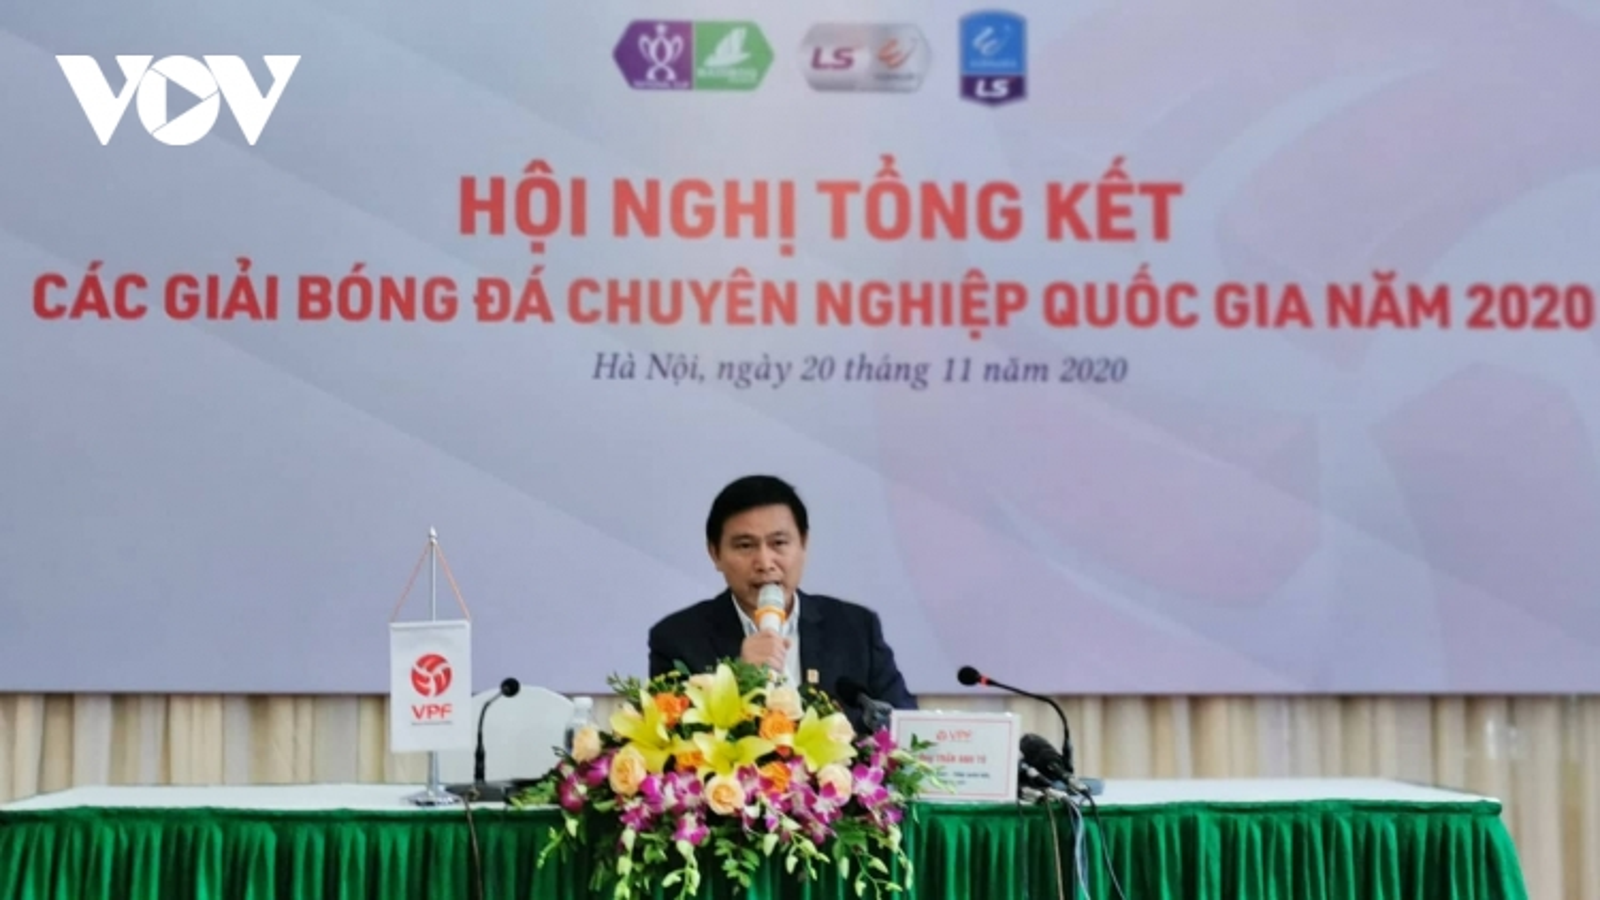 Ông Trần Anh Tú tái đắc cử vị trí Chủ tịch Hội đồng quản trị VPF